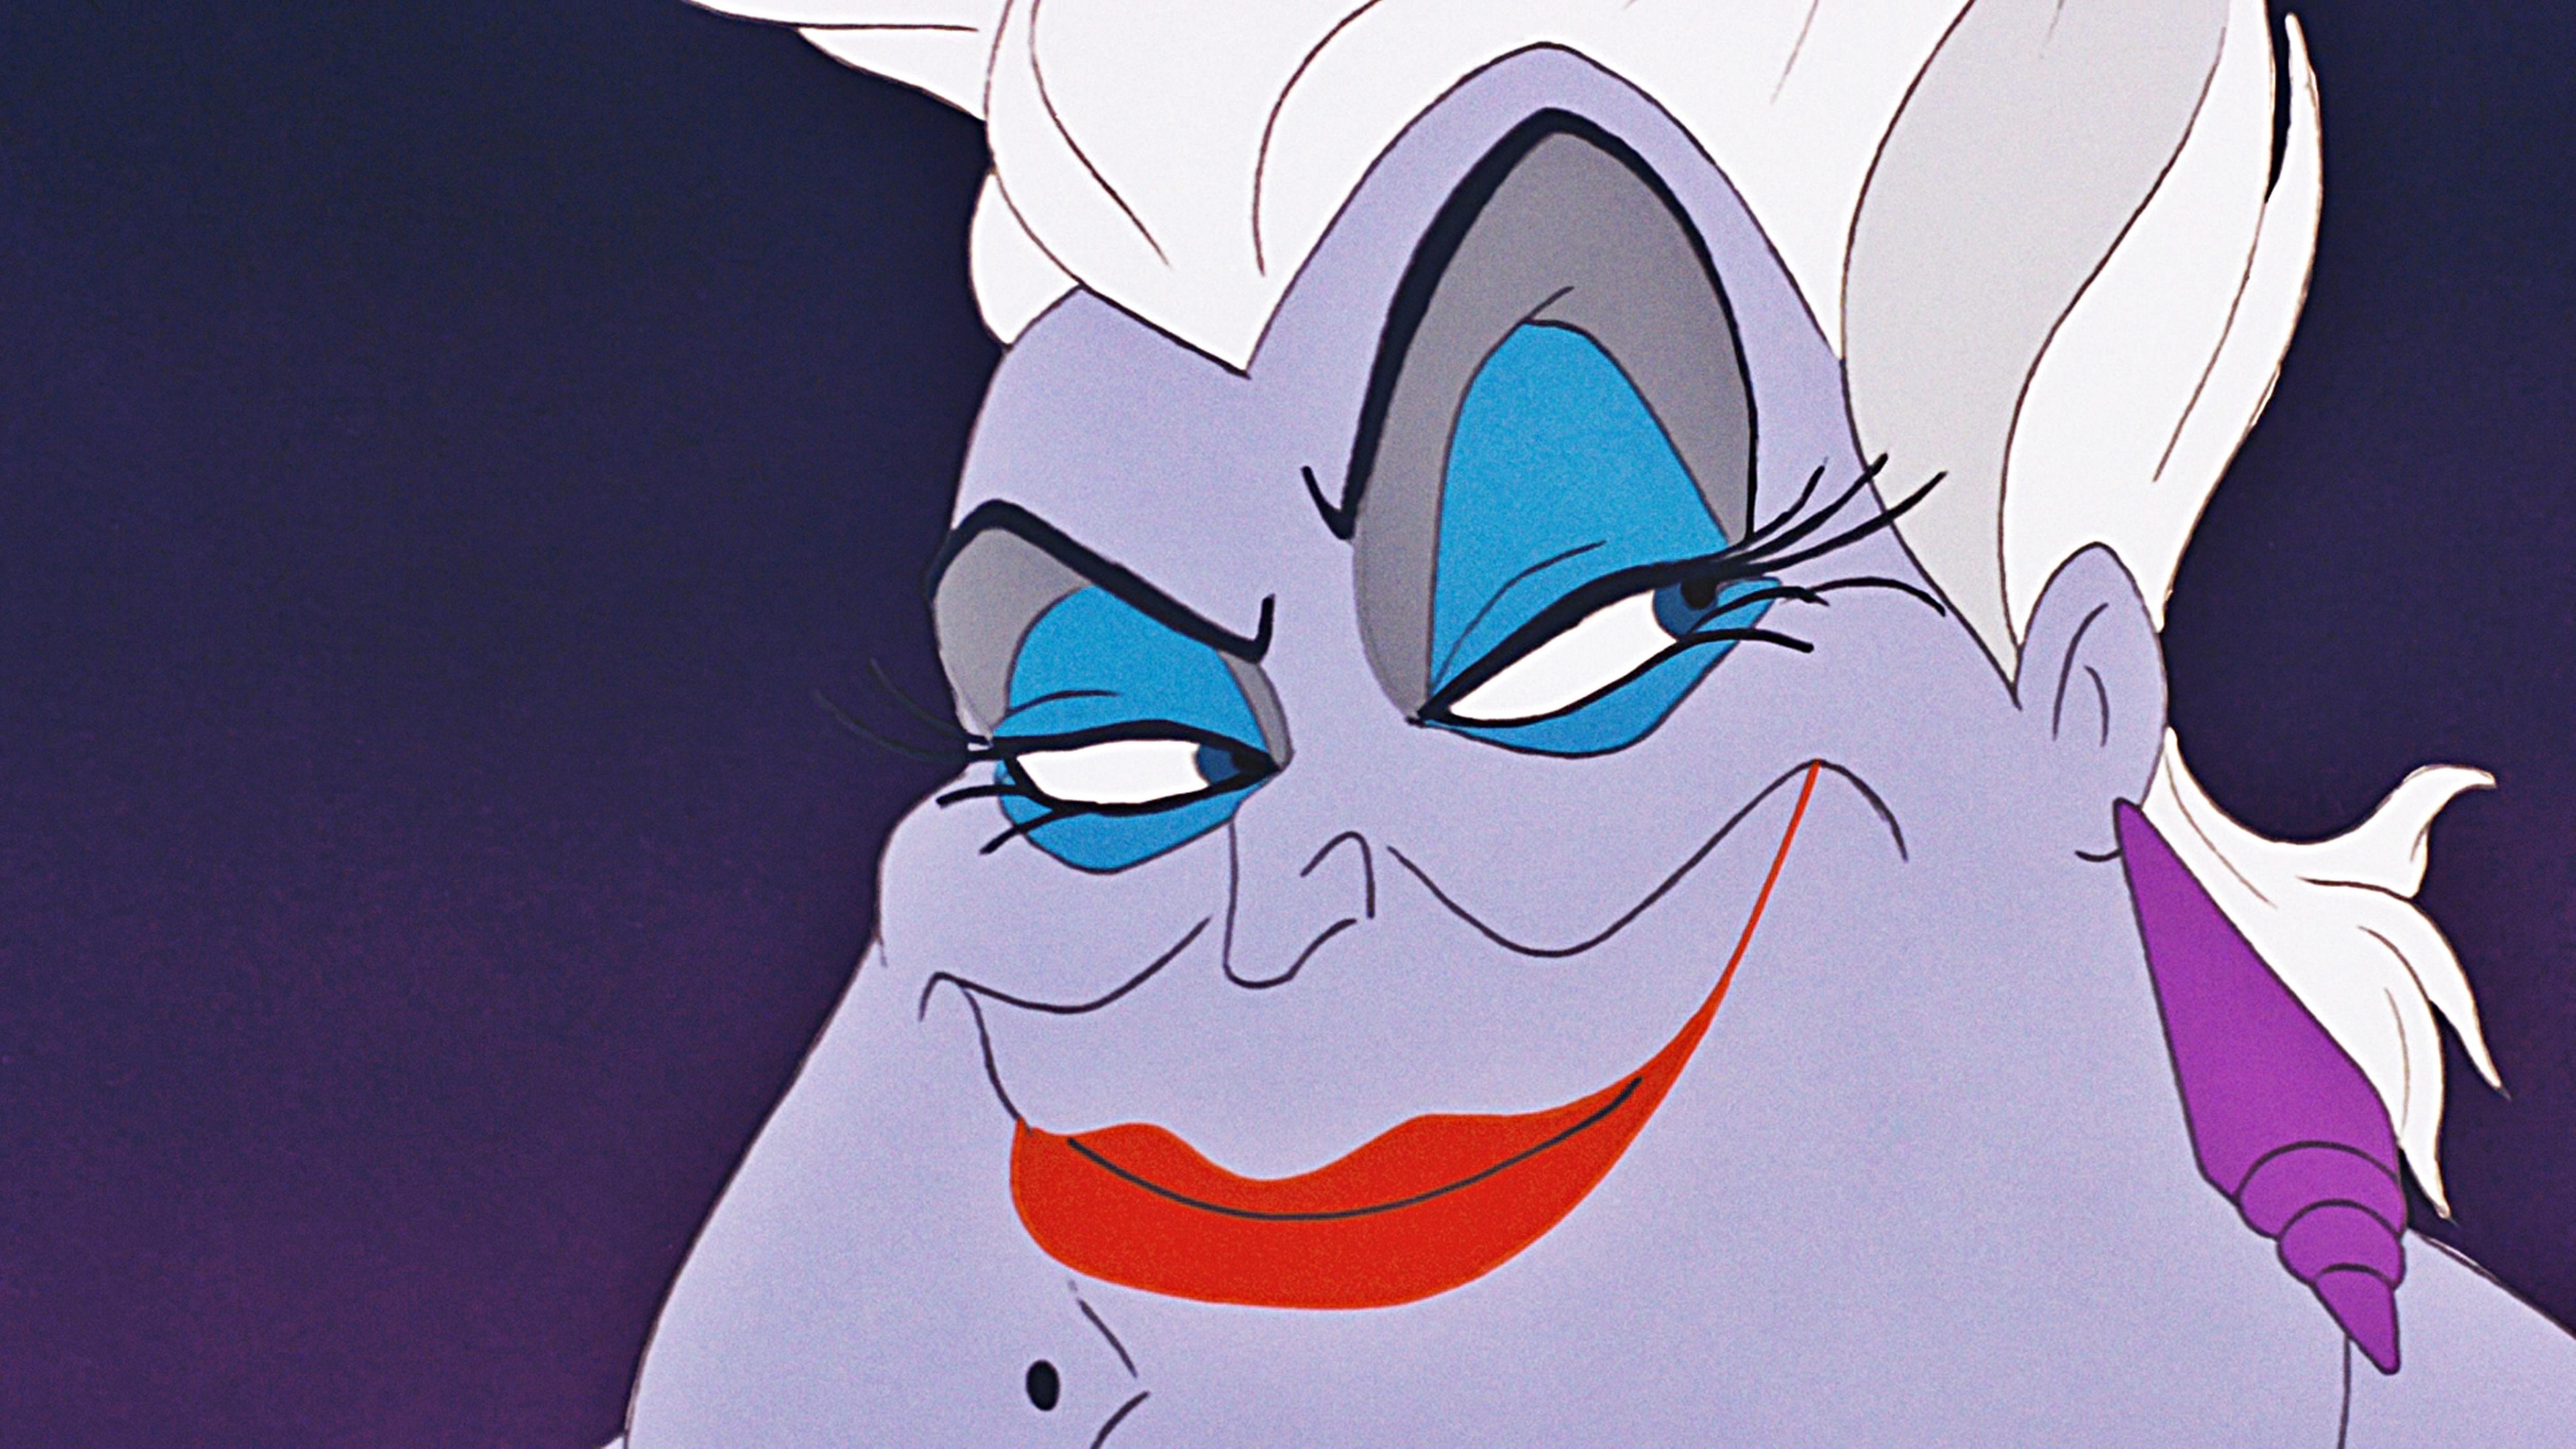 Ursula de La Petite Sirène